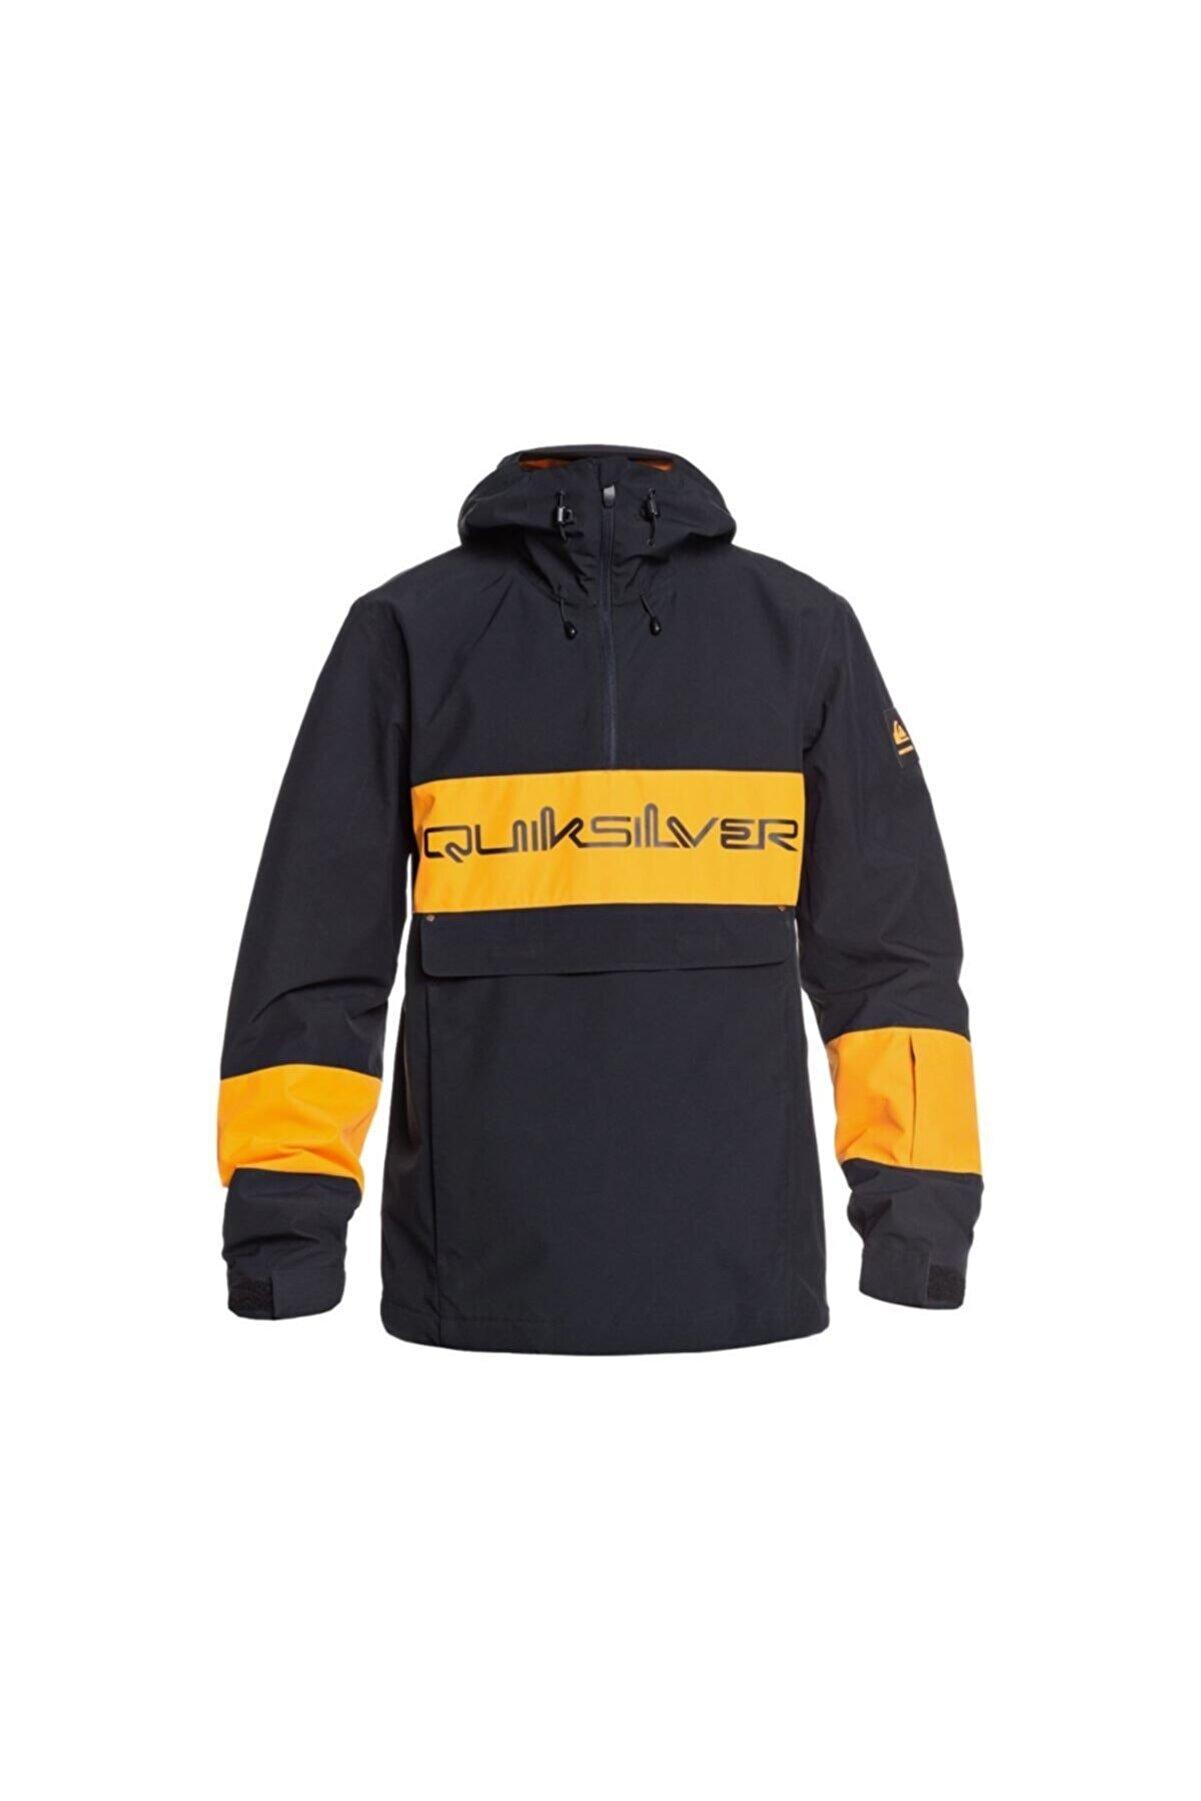 Quiksilver Steeze Erkek Kayak/snowboard Ceketi